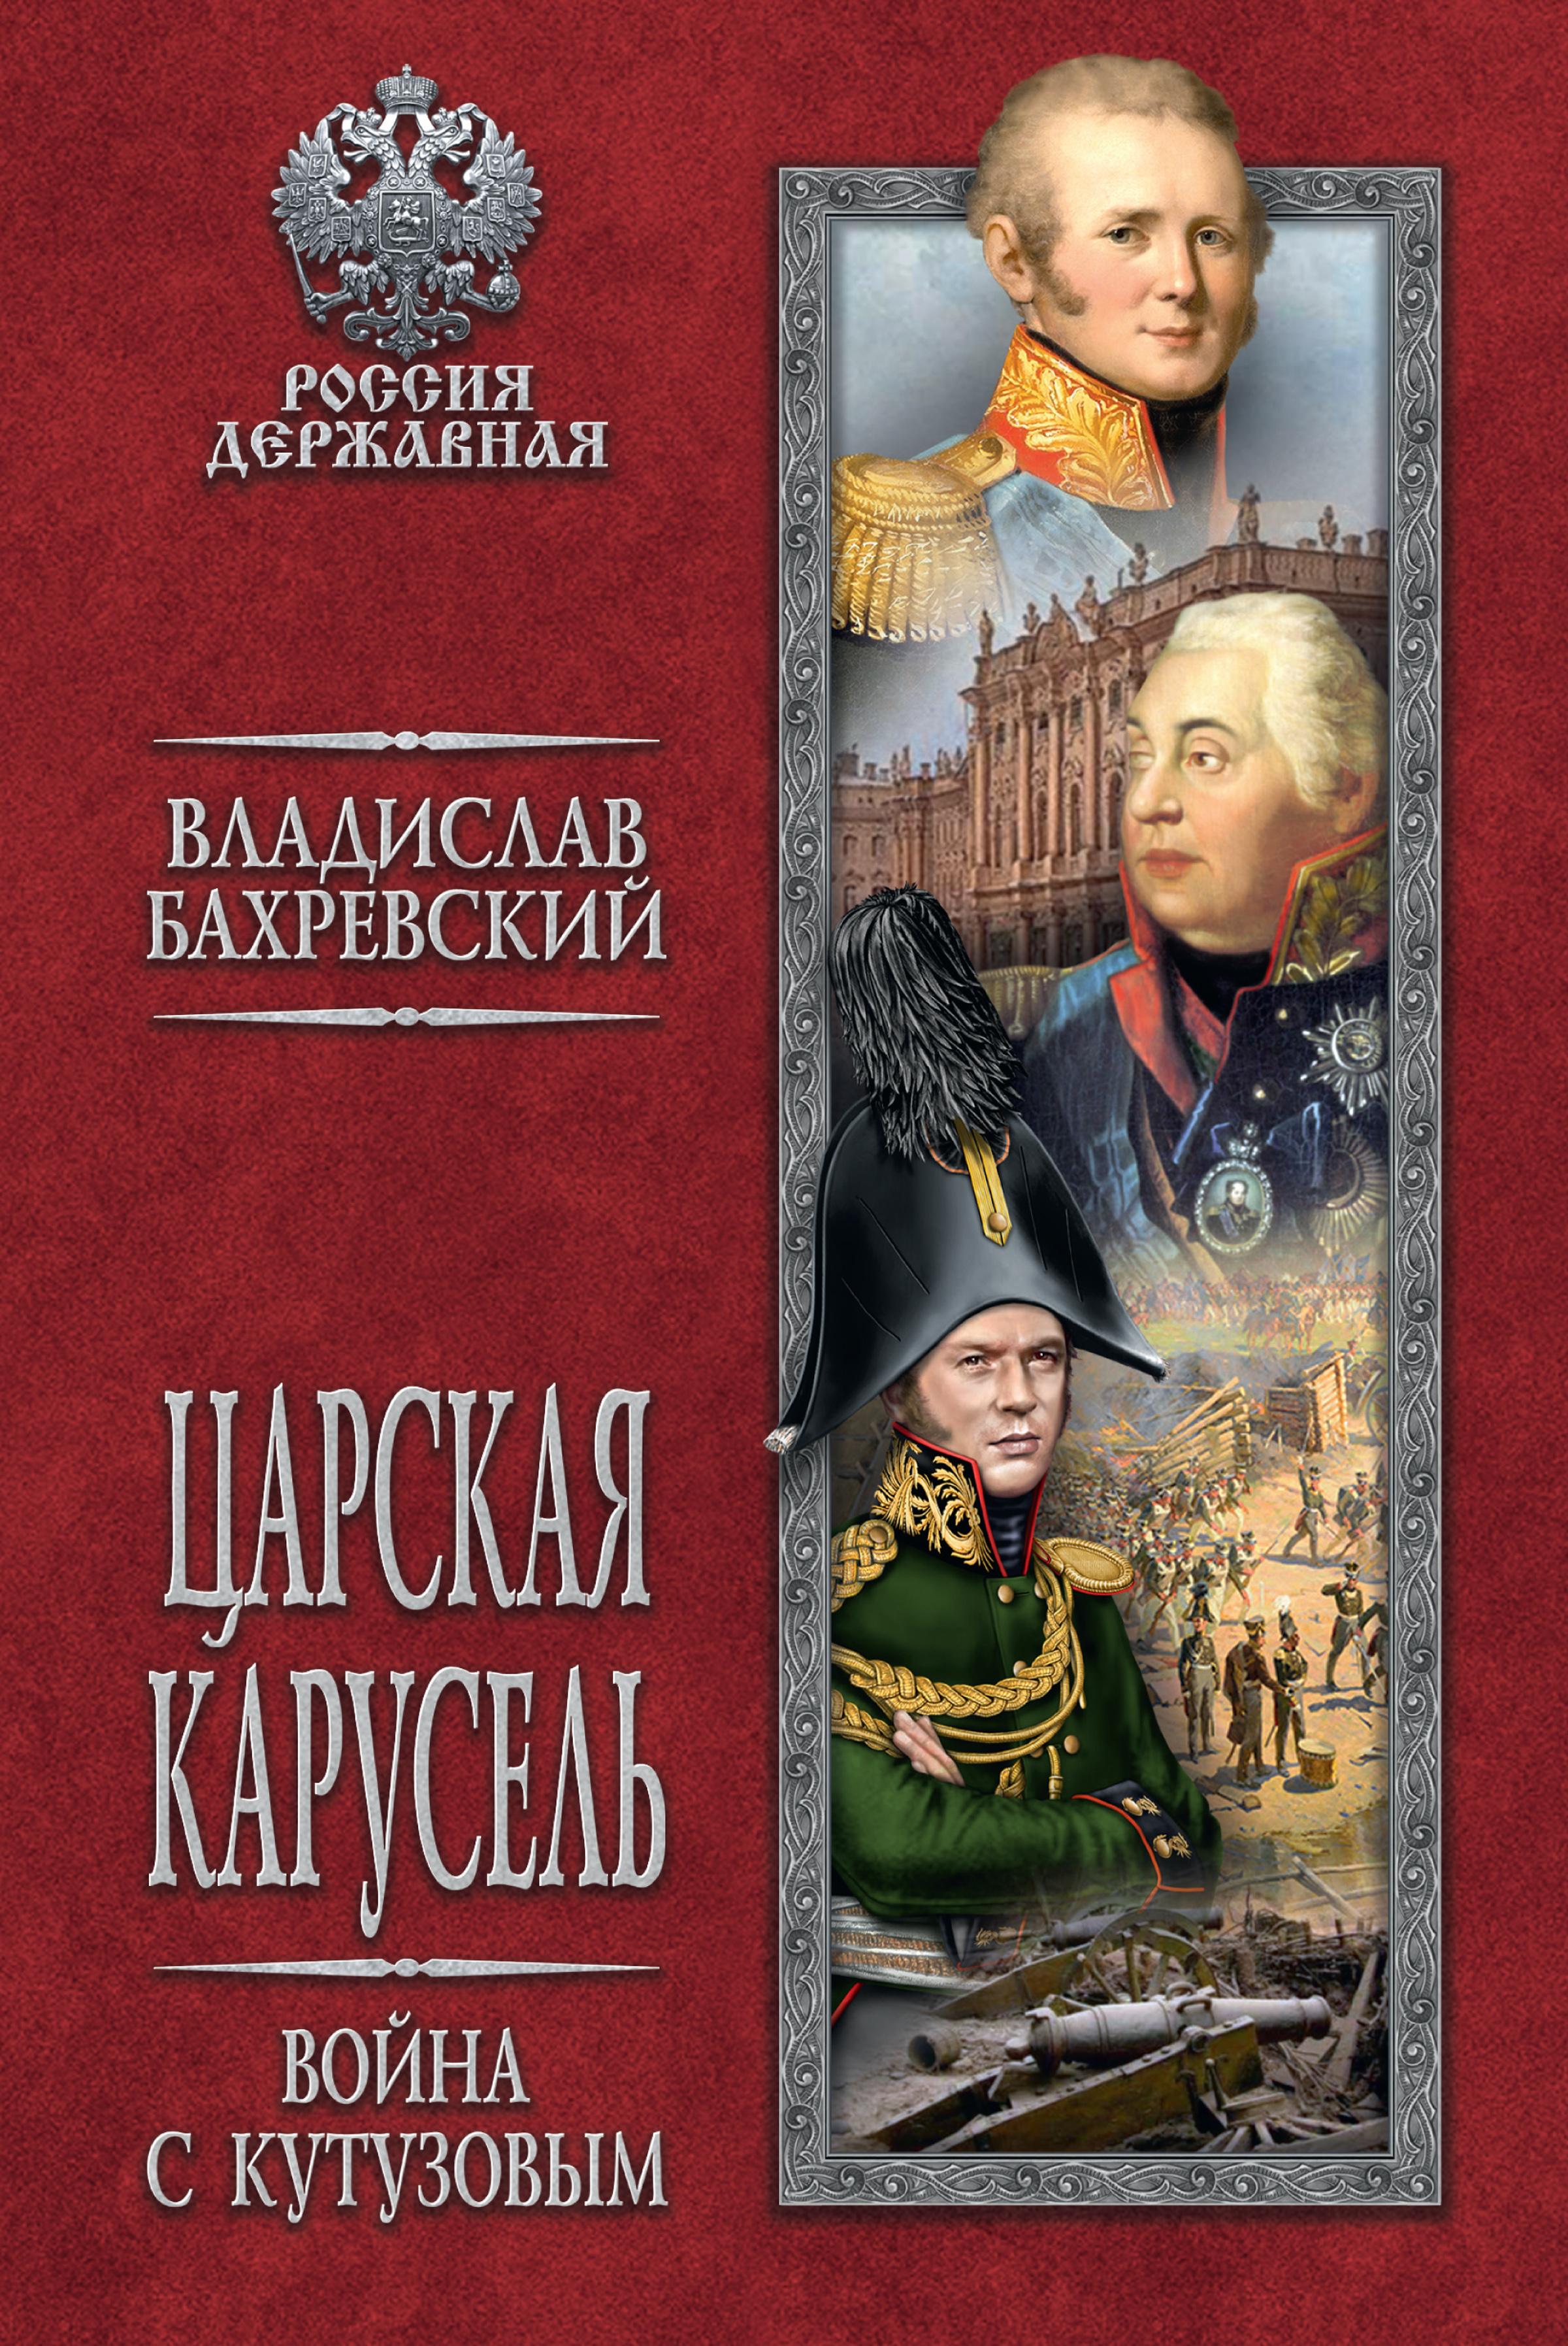 tsarskaya karusel voyna s kutuzovym